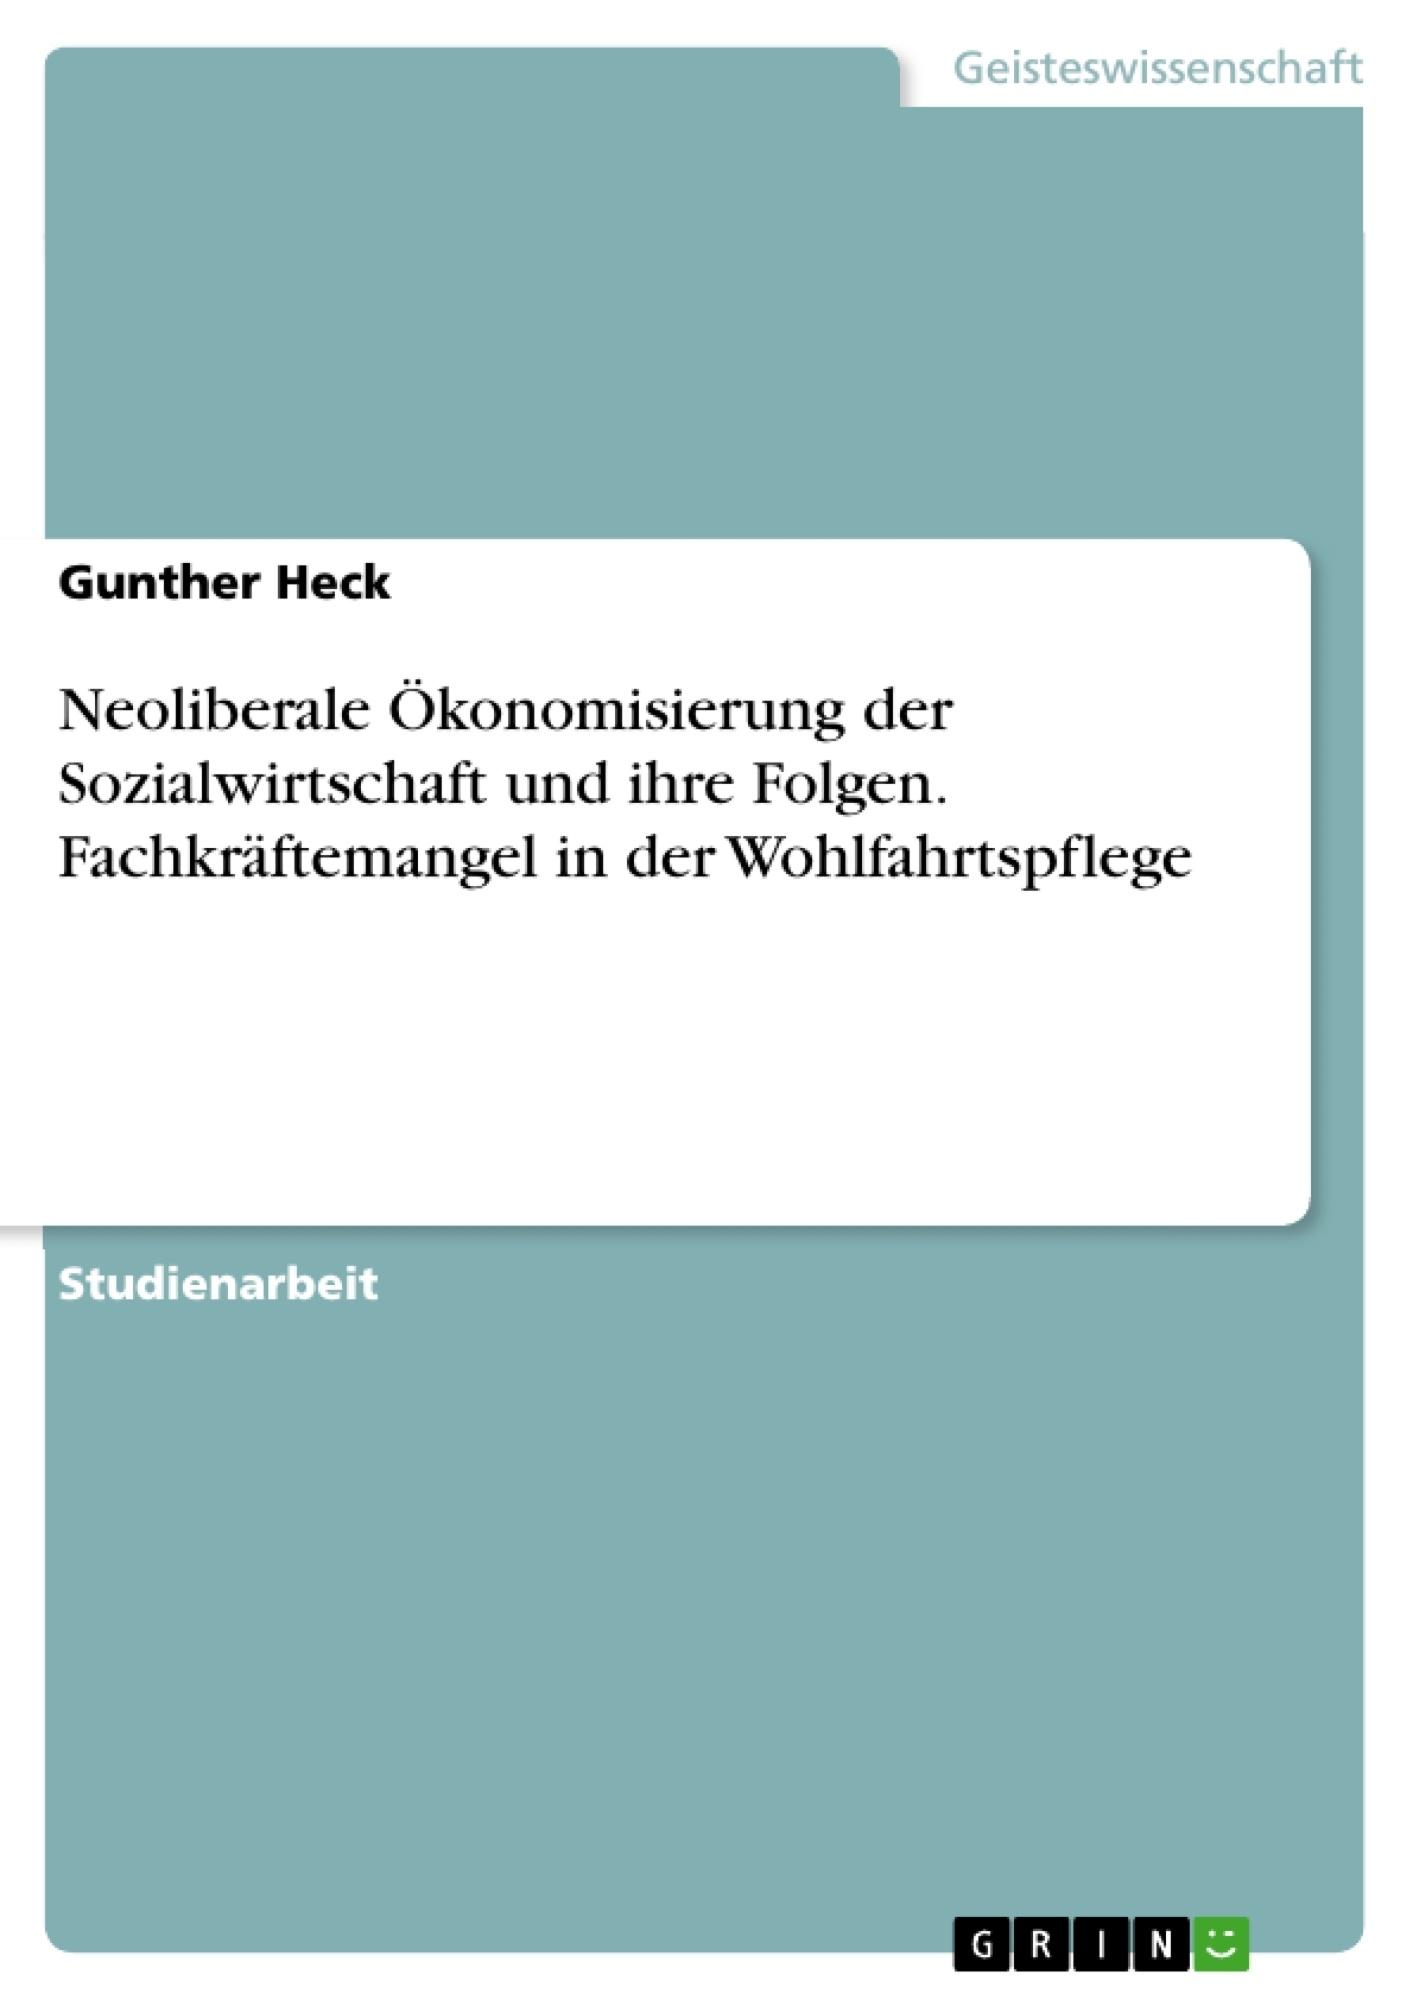 Titel: Neoliberale Ökonomisierung der Sozialwirtschaft und ihre Folgen. Fachkräftemangel in der Wohlfahrtspflege